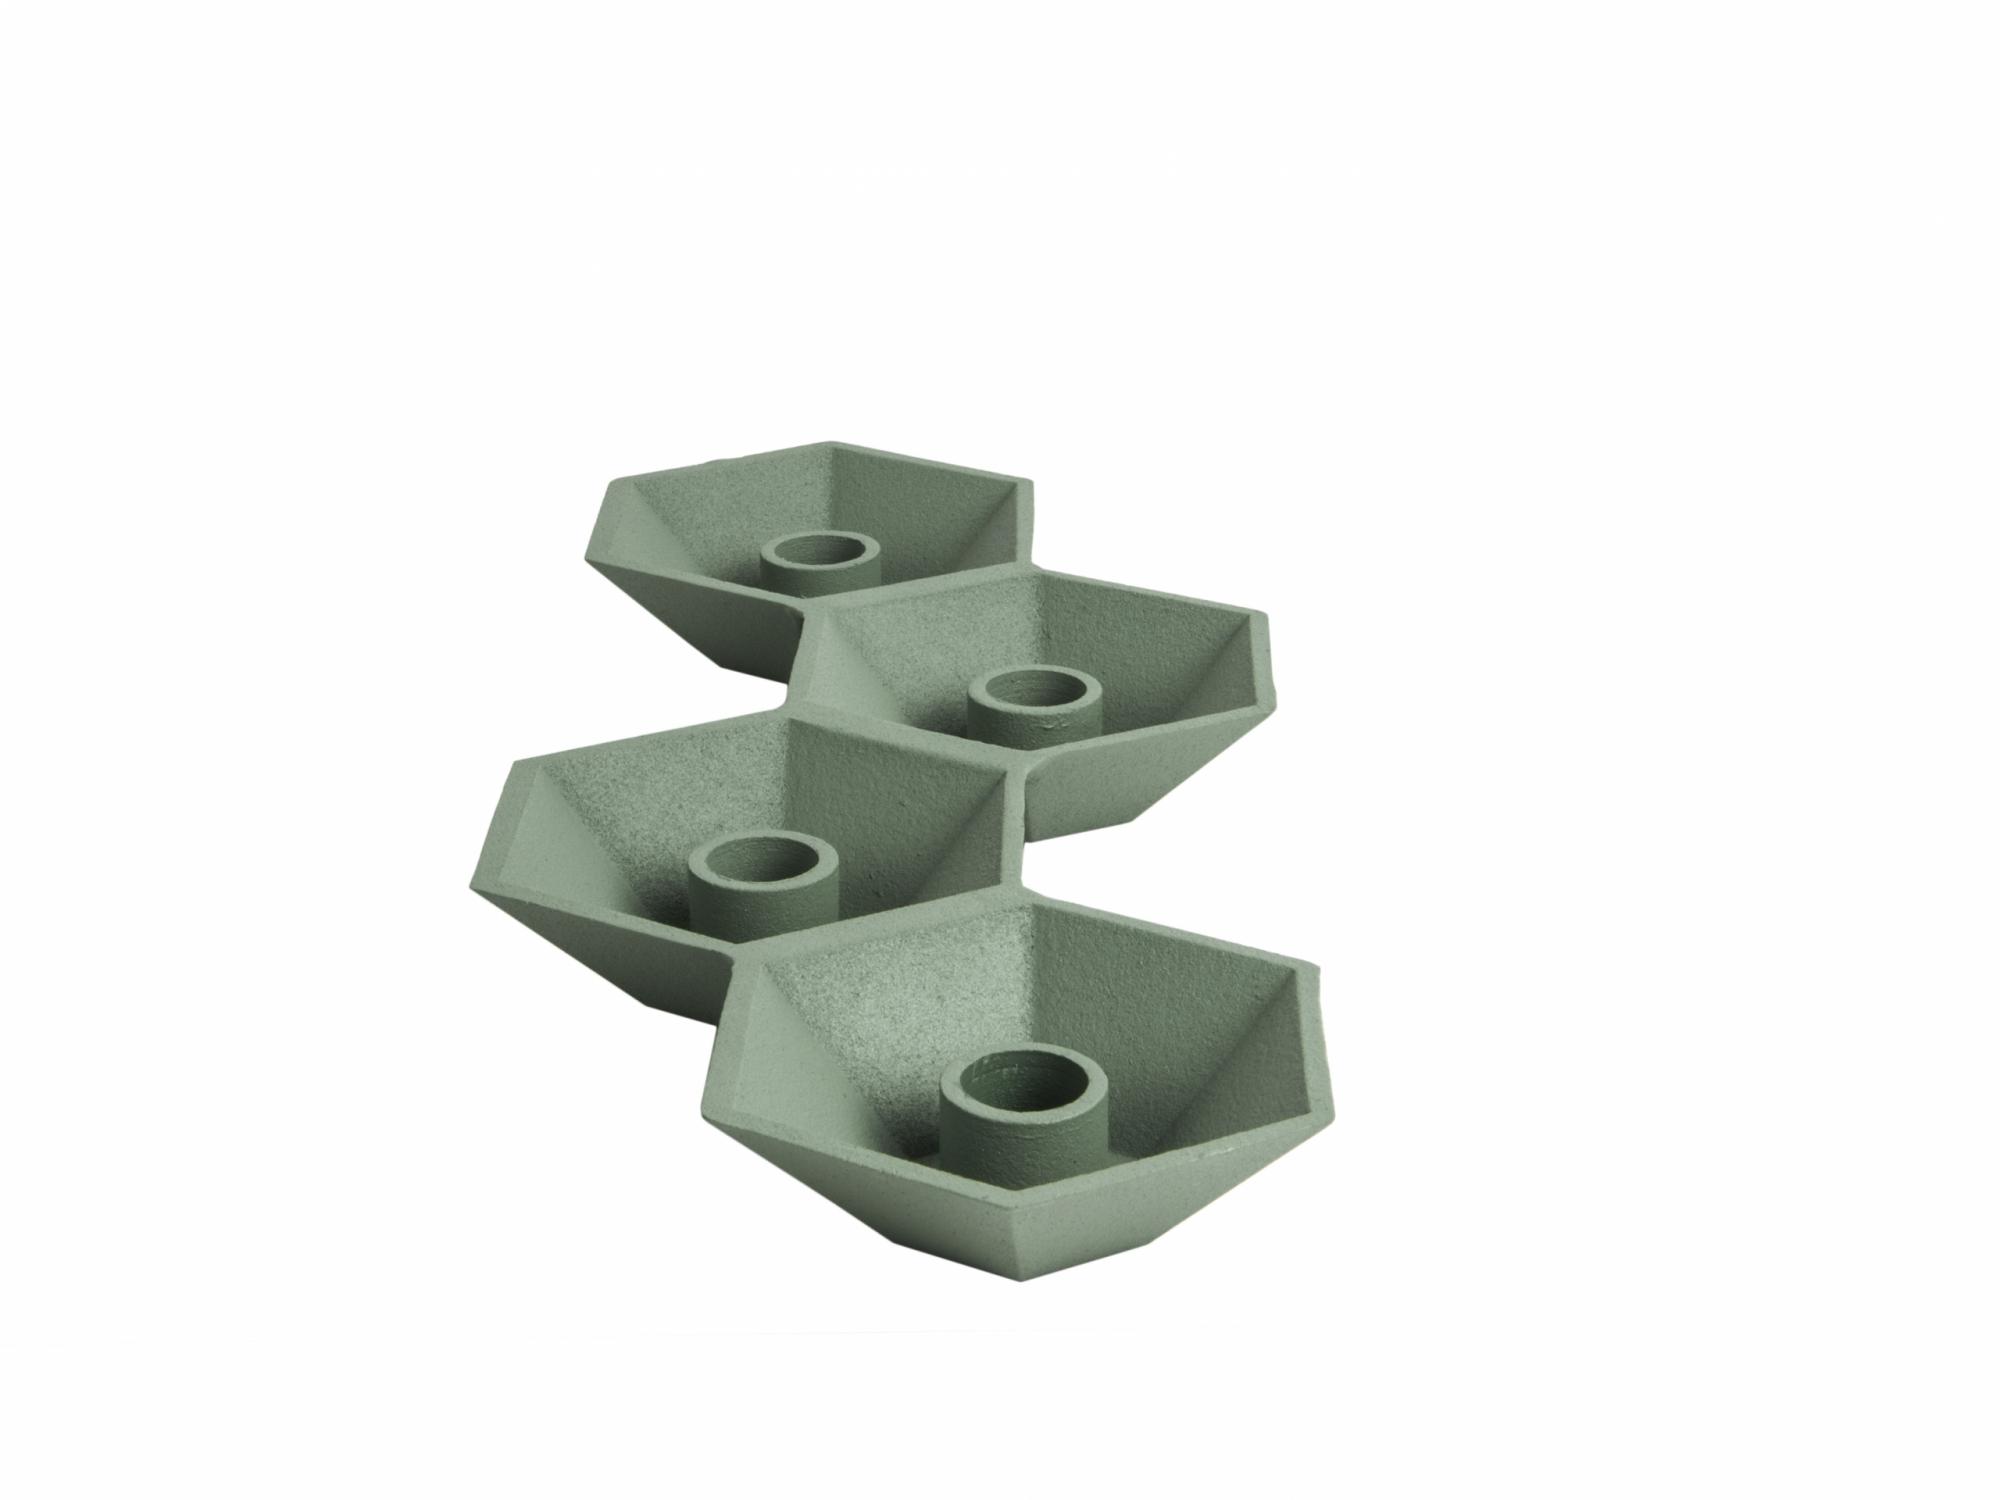 kandelaar sand coated met plek voor 4 kaarsen